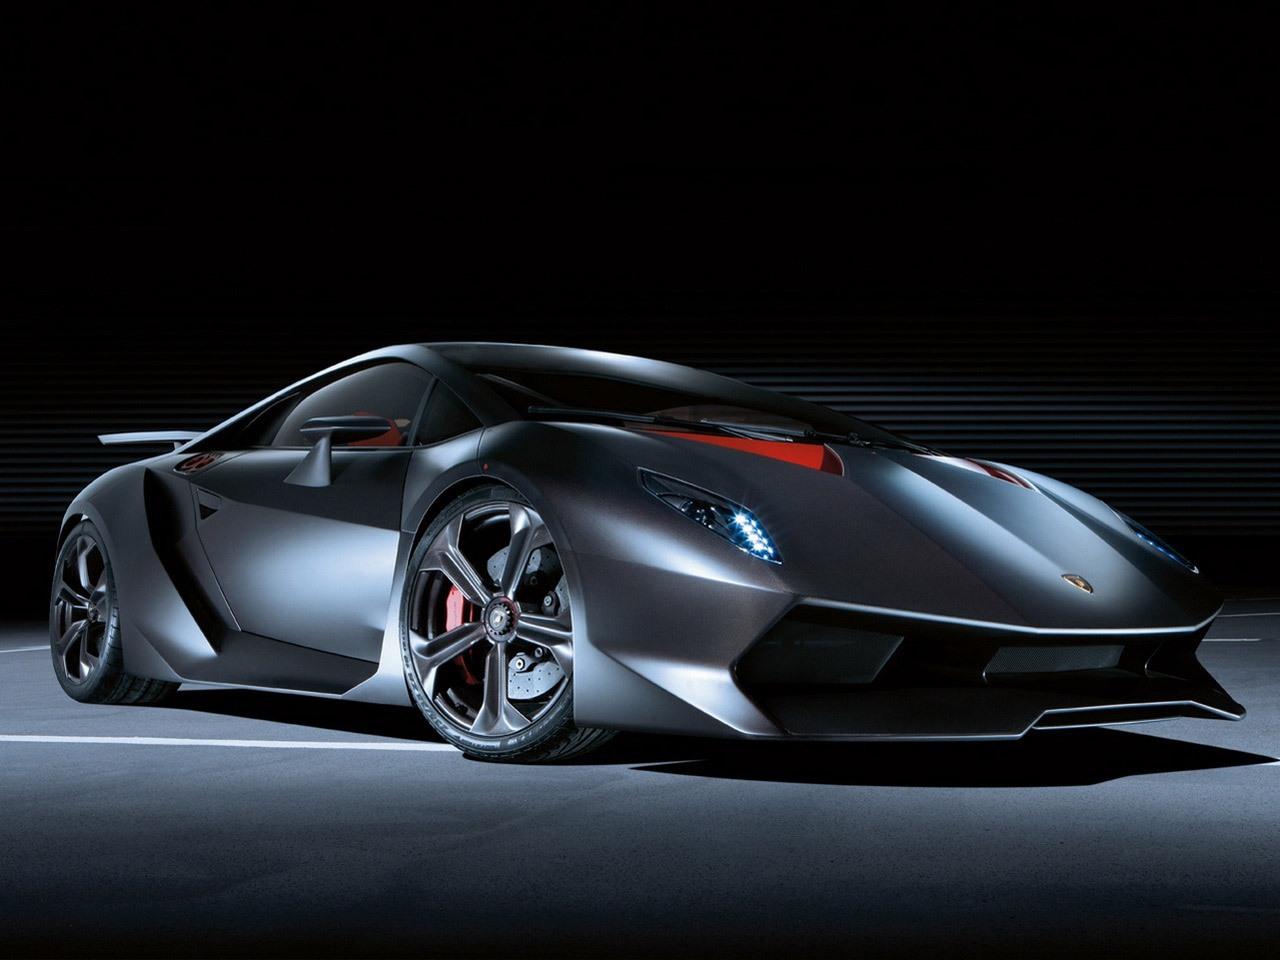 Lamborghini-Sesto-Elemento-Concept-2010-Photo-05